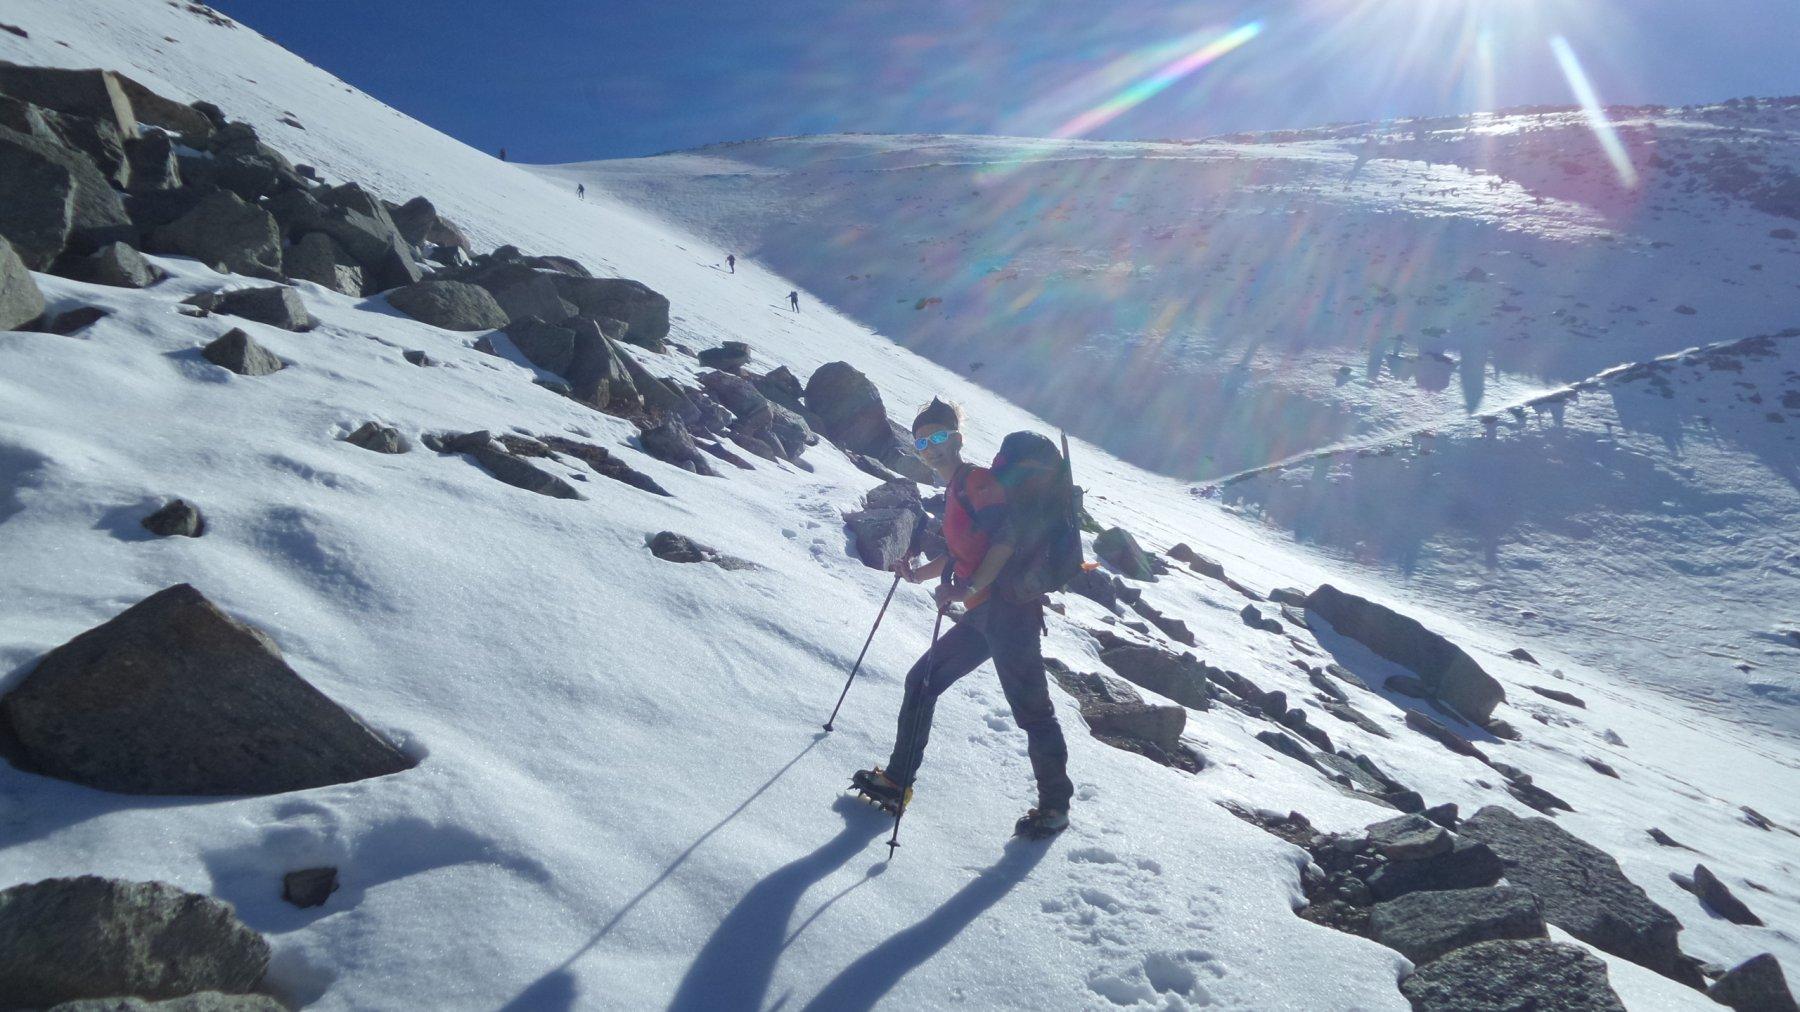 per raggiungere il colle saliamo direttamente per il pendio-canale nevoso